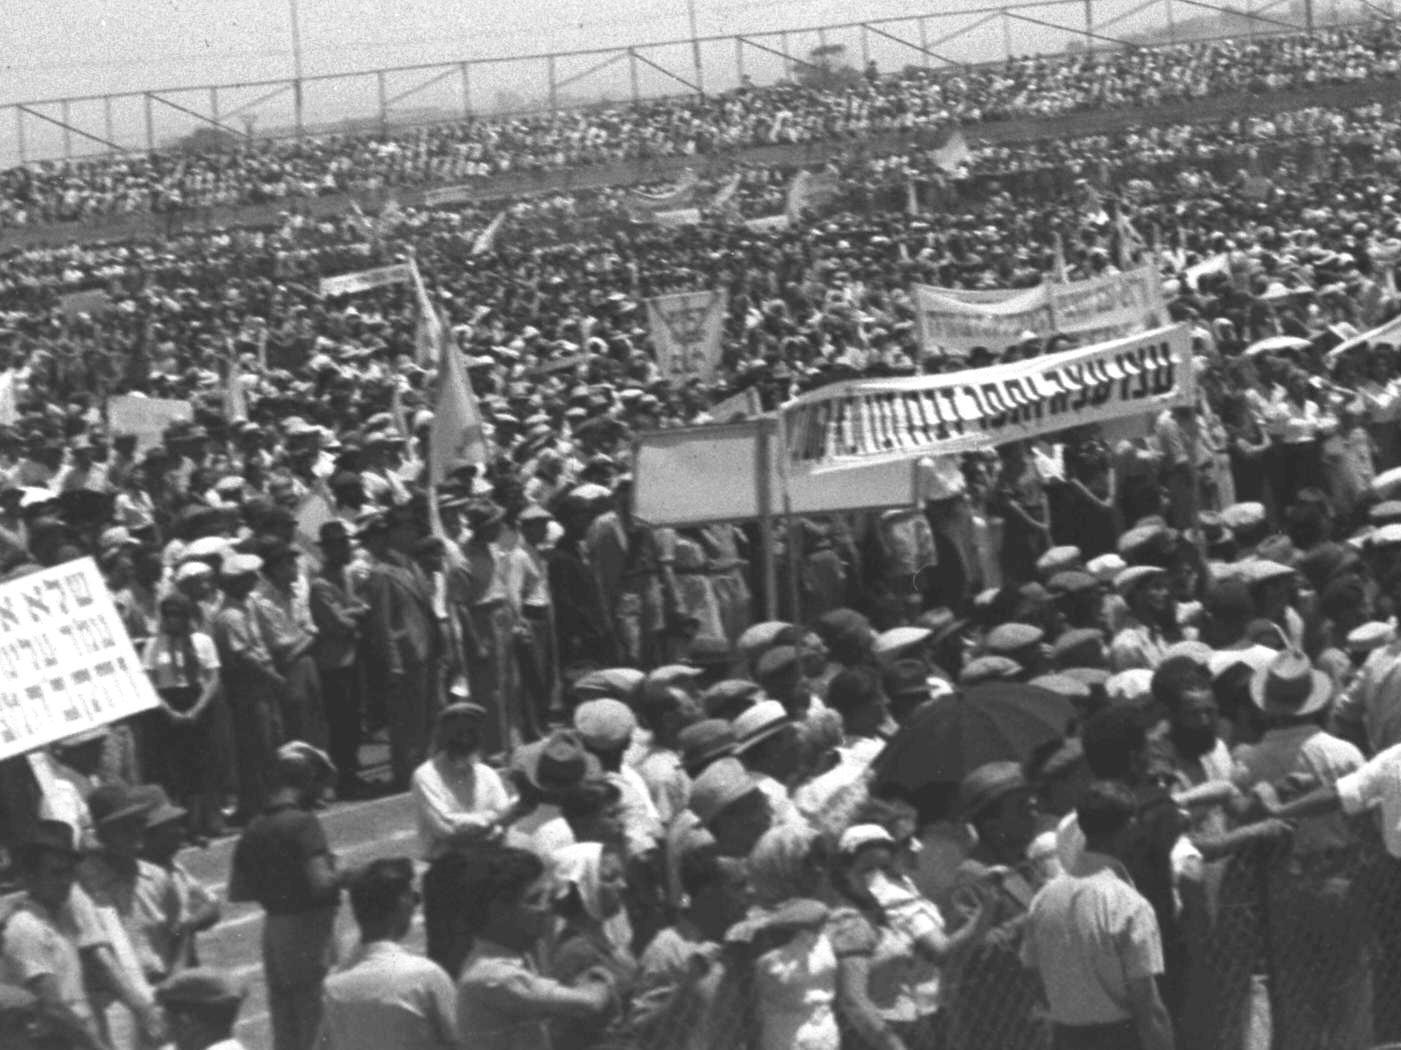 18. 1939. Массовый митинг против «Белой книги» на стадионе Тель-Авива